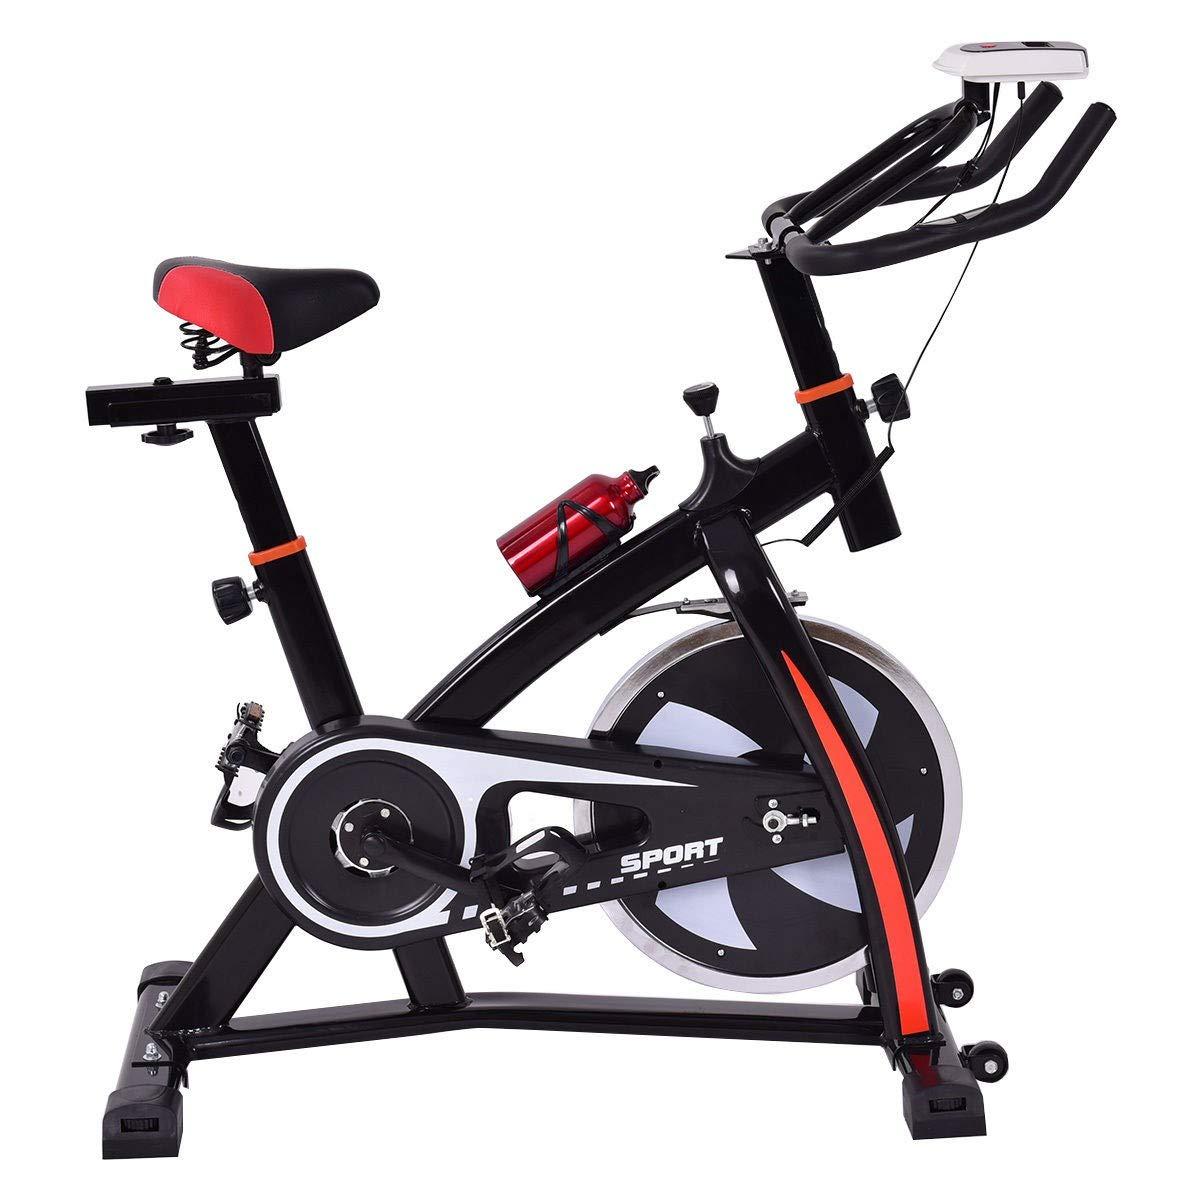 EZX by EZ Lab サイクリング バイク 屋内 エクササイズ 自転車 サイクリング ワークアウト バイク   B07HRGJ4JB